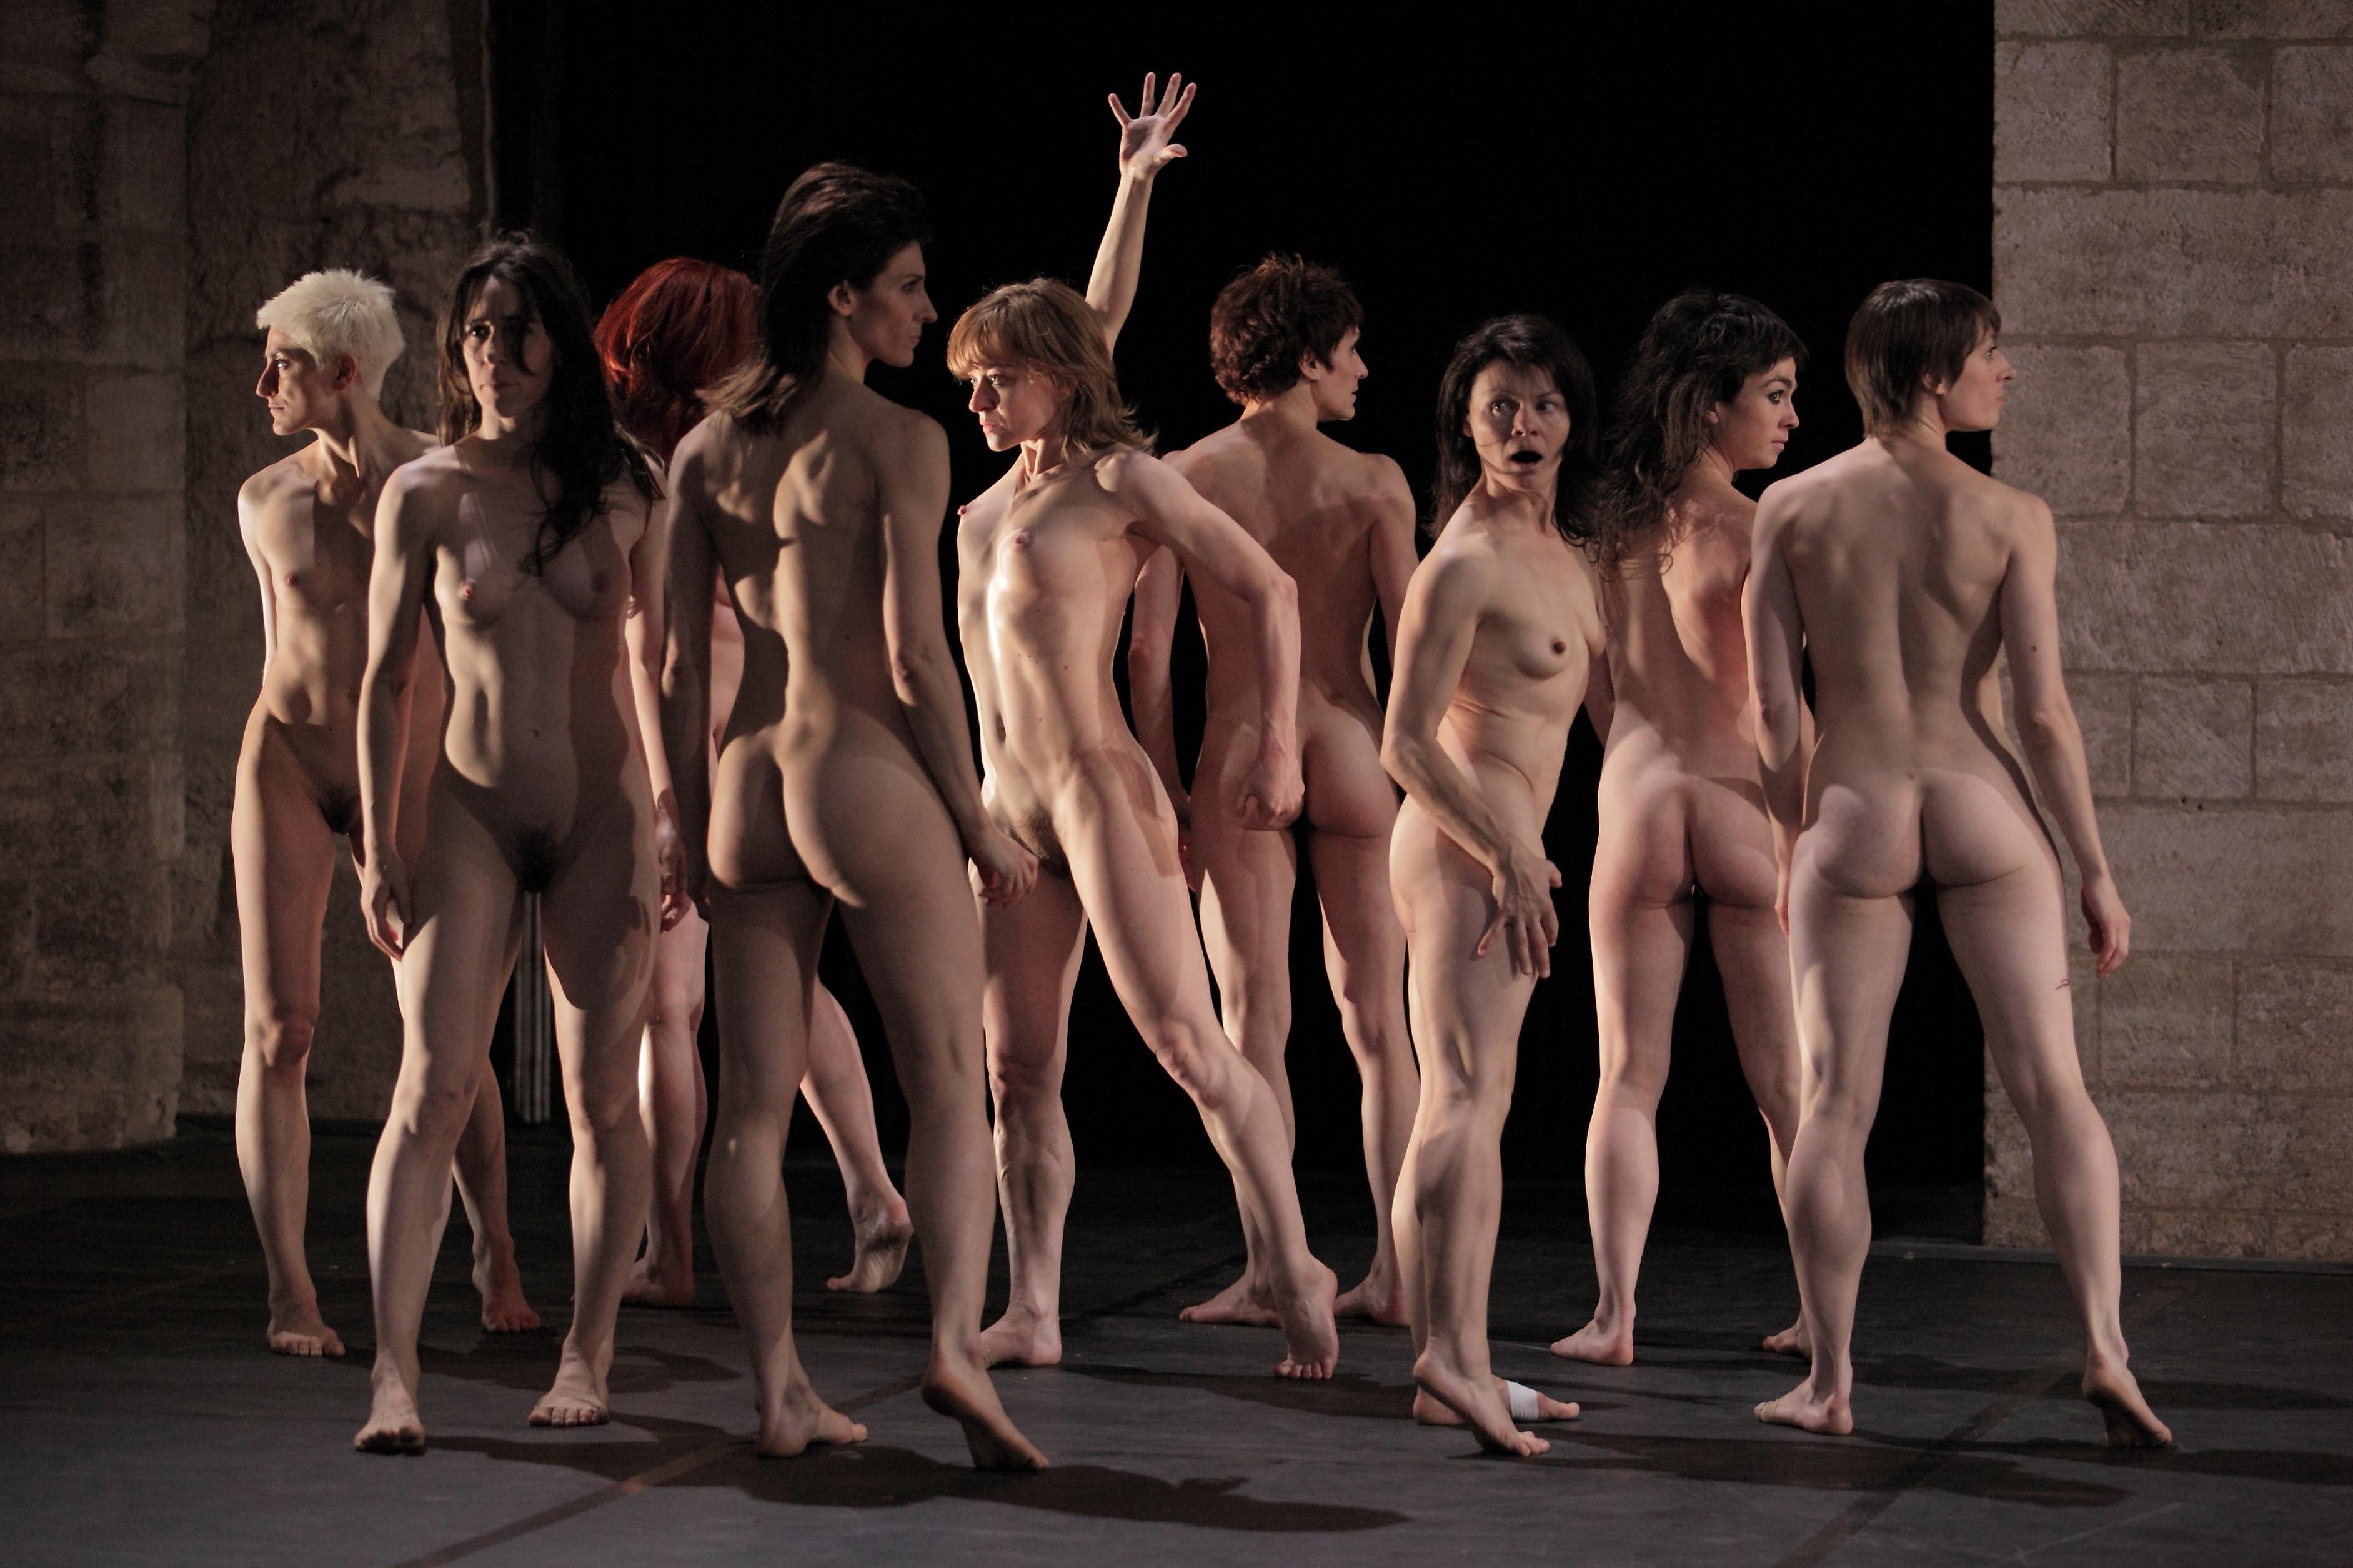 Смотреть эро шоу балет, Порно видео онлайн: ТанцыШоу 17 фотография